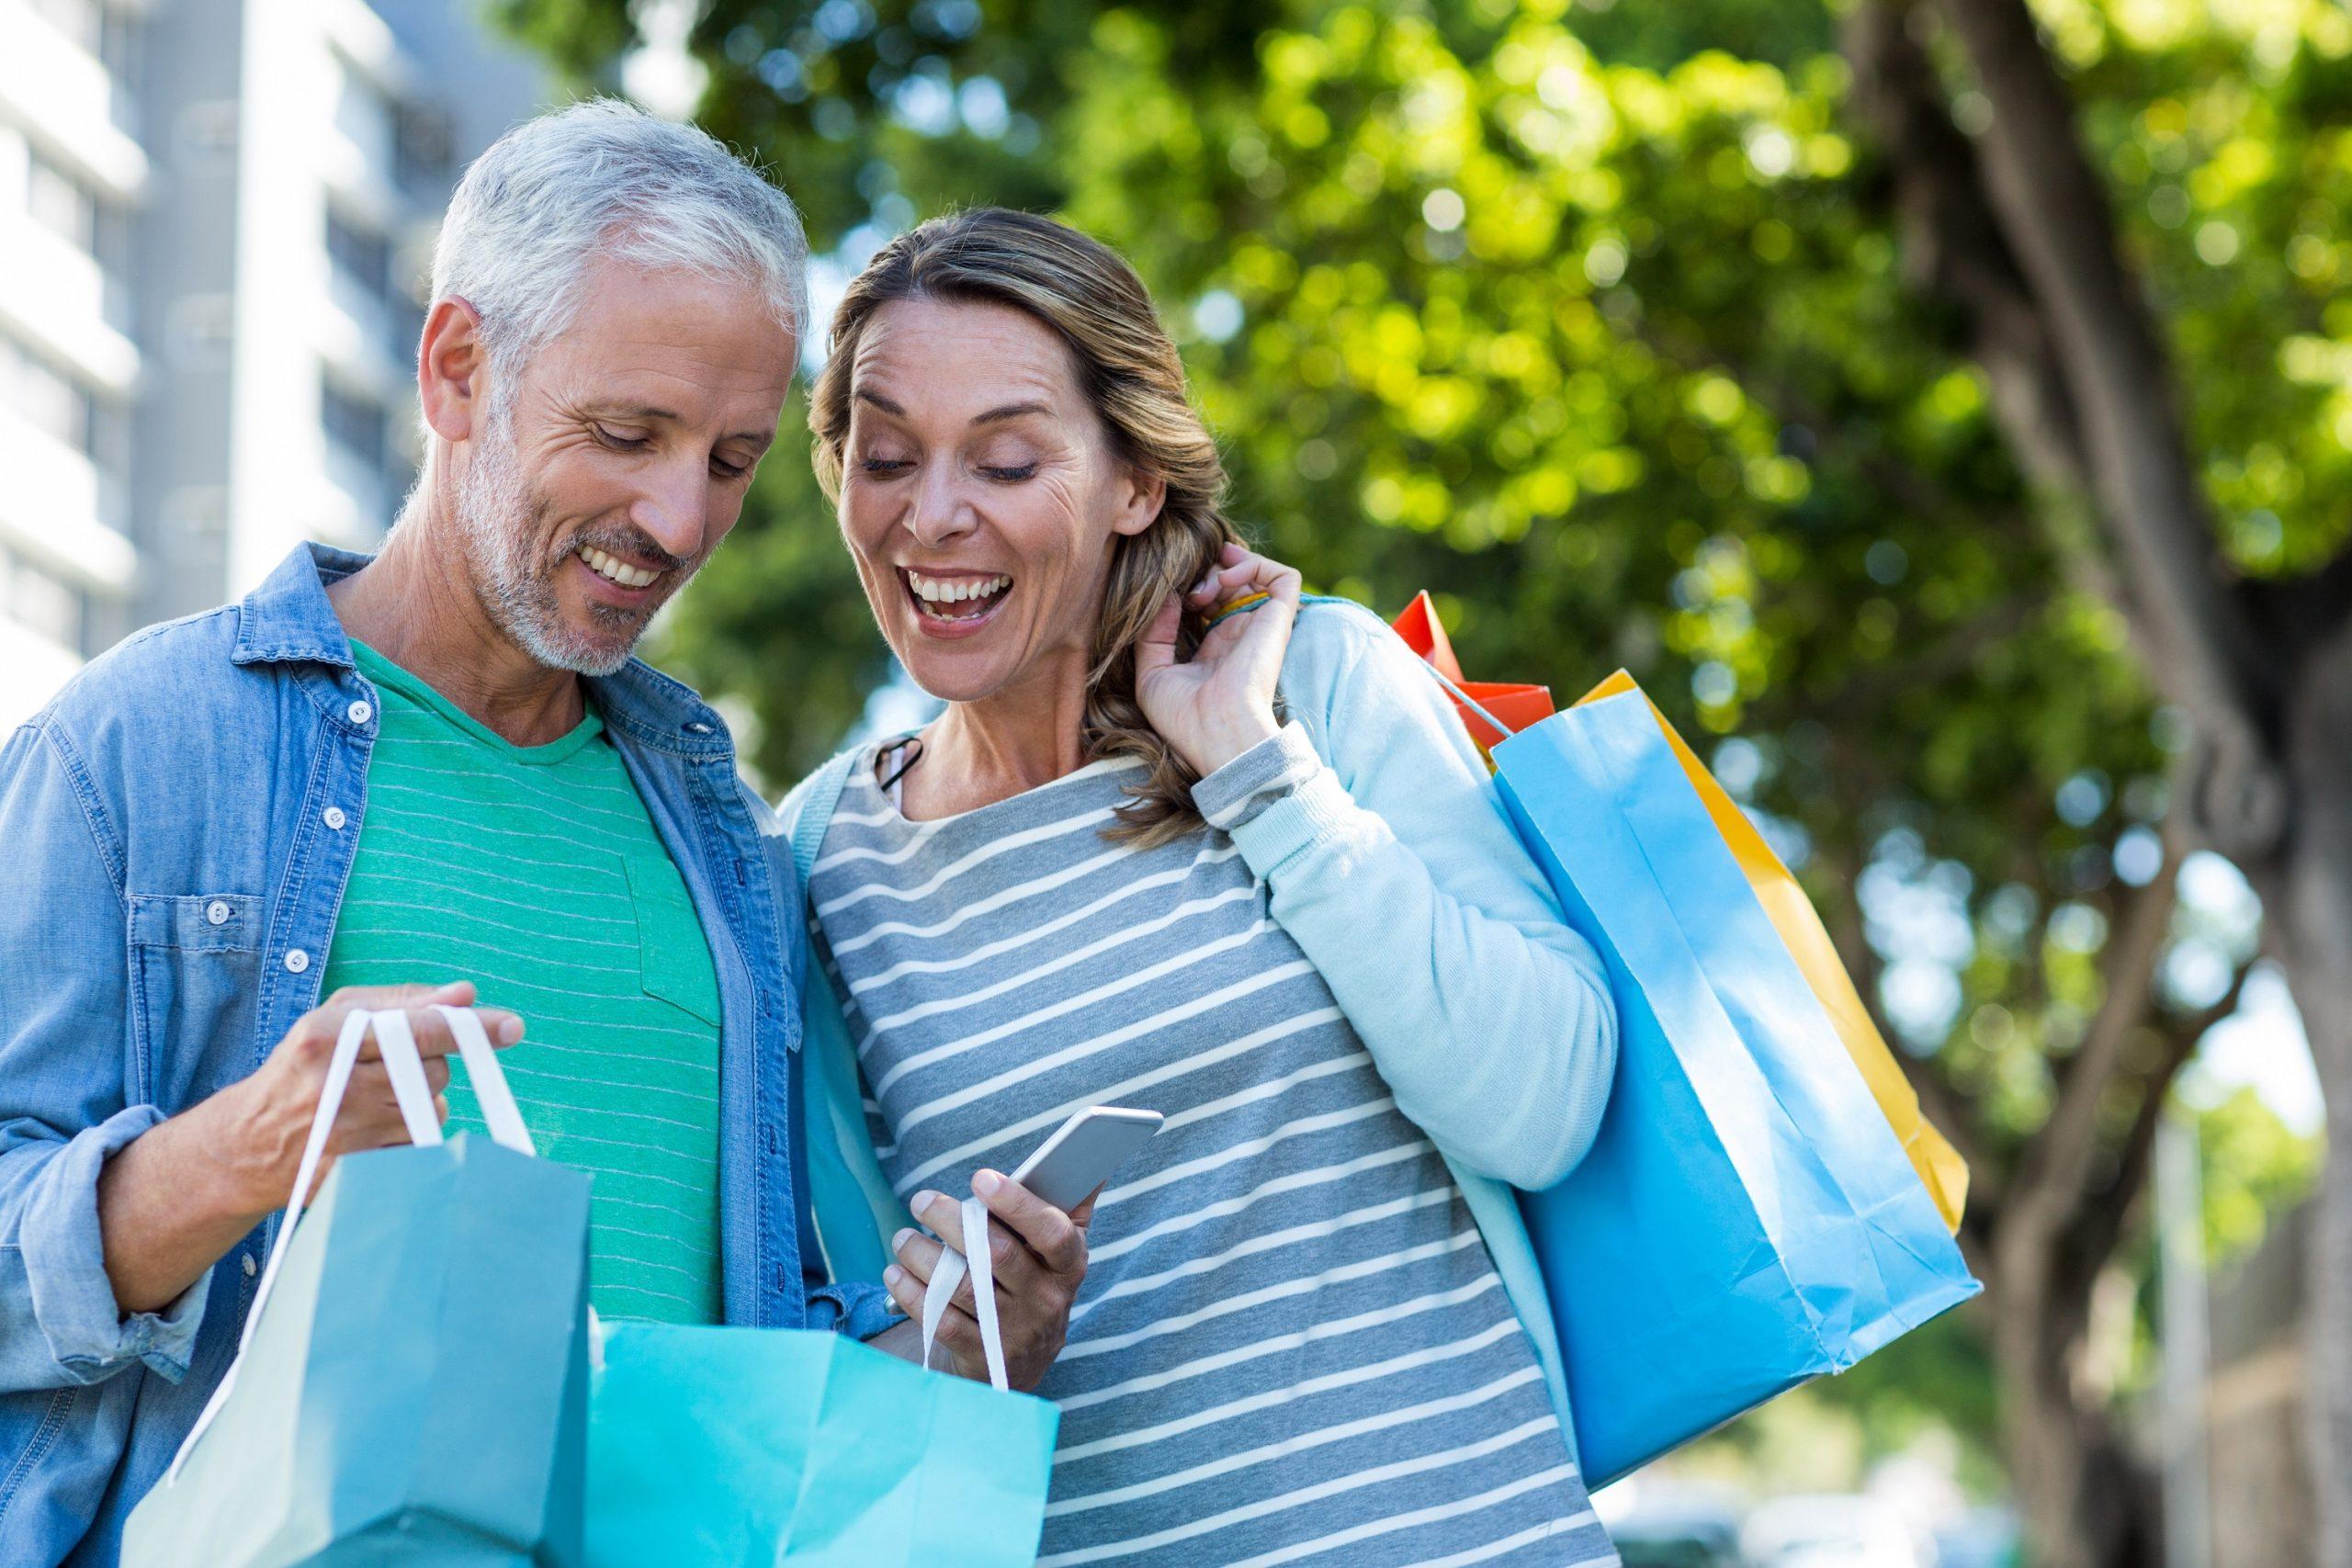 Casal fazendo compras com seus pontos do cartão.